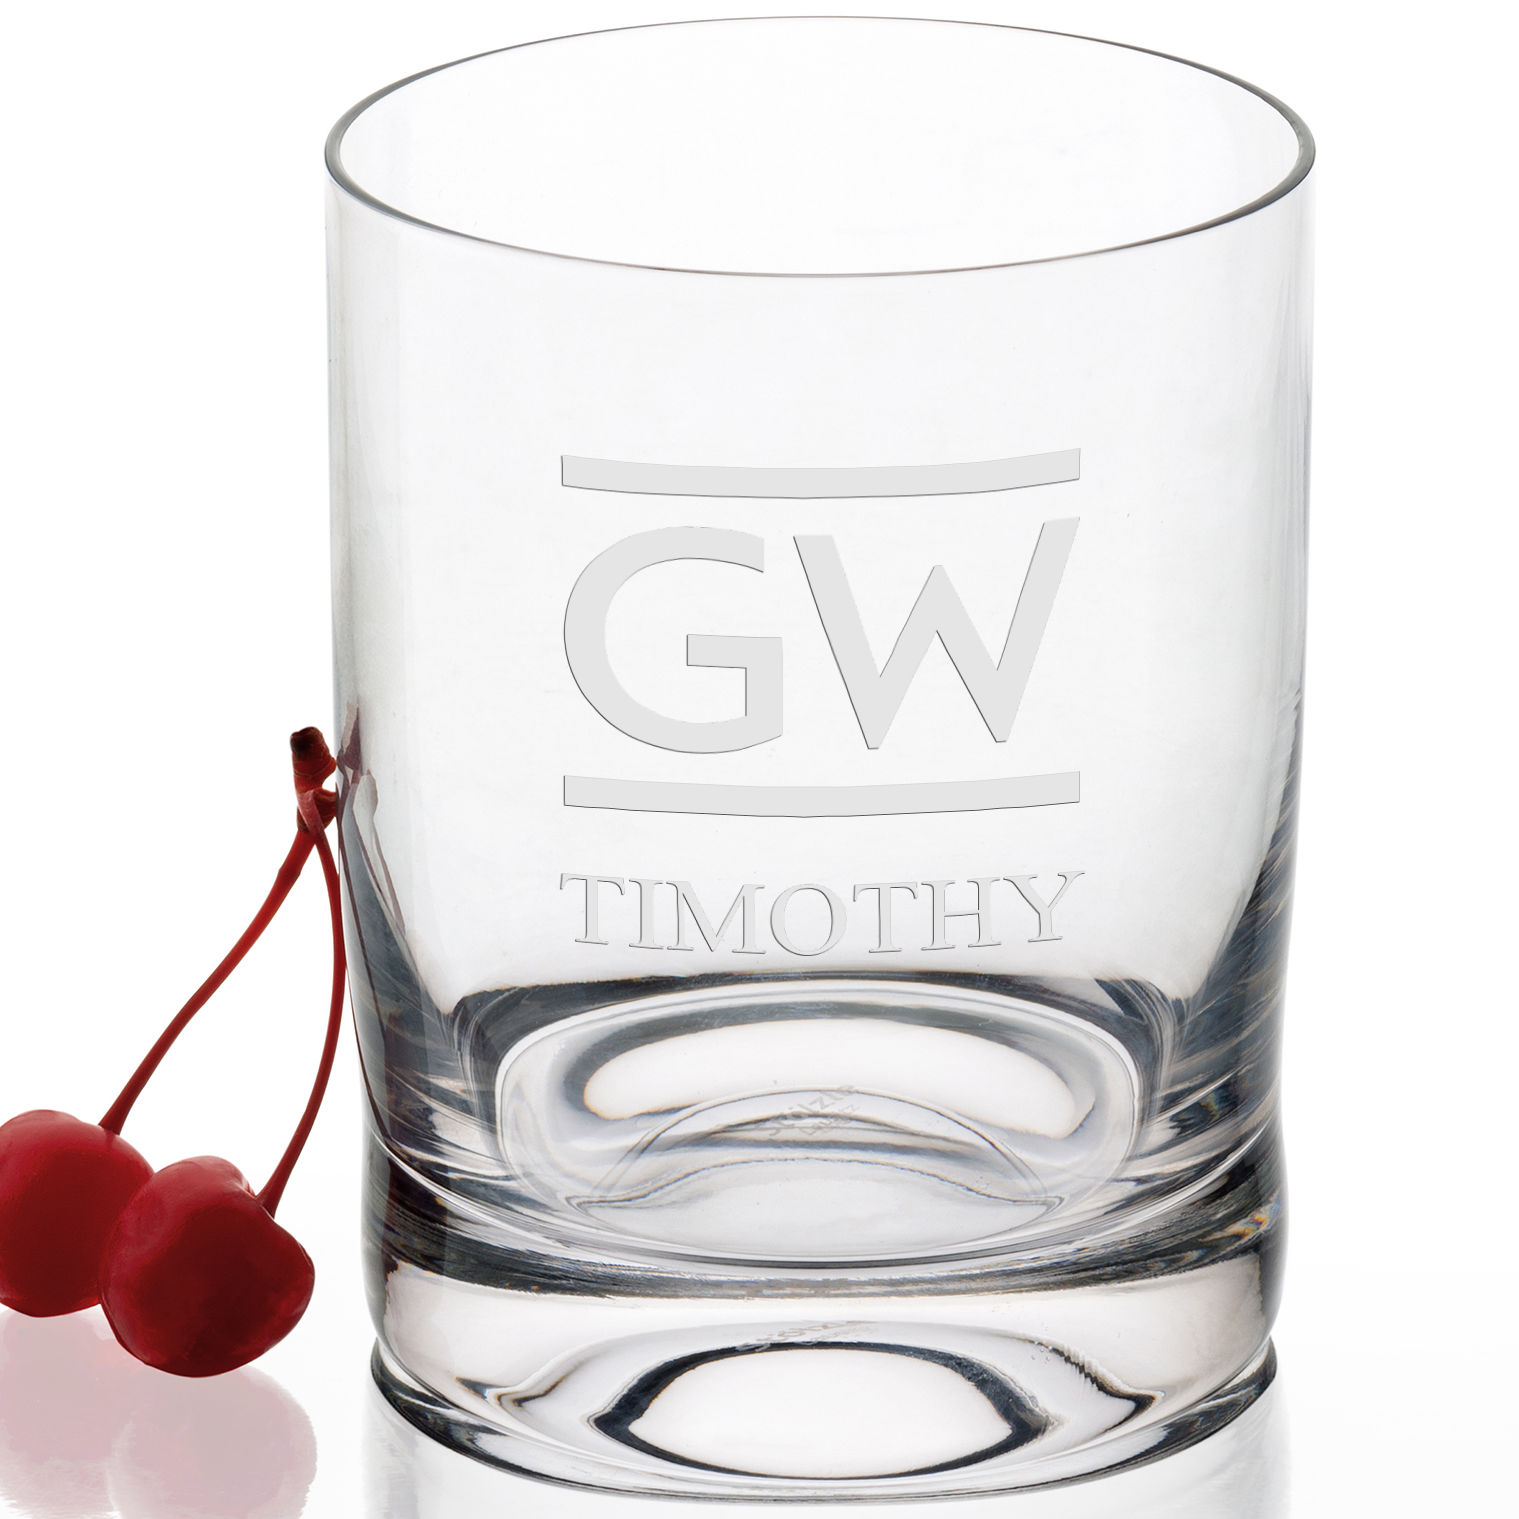 George Washington University Tumbler Glasses - Set of 4 - Image 2